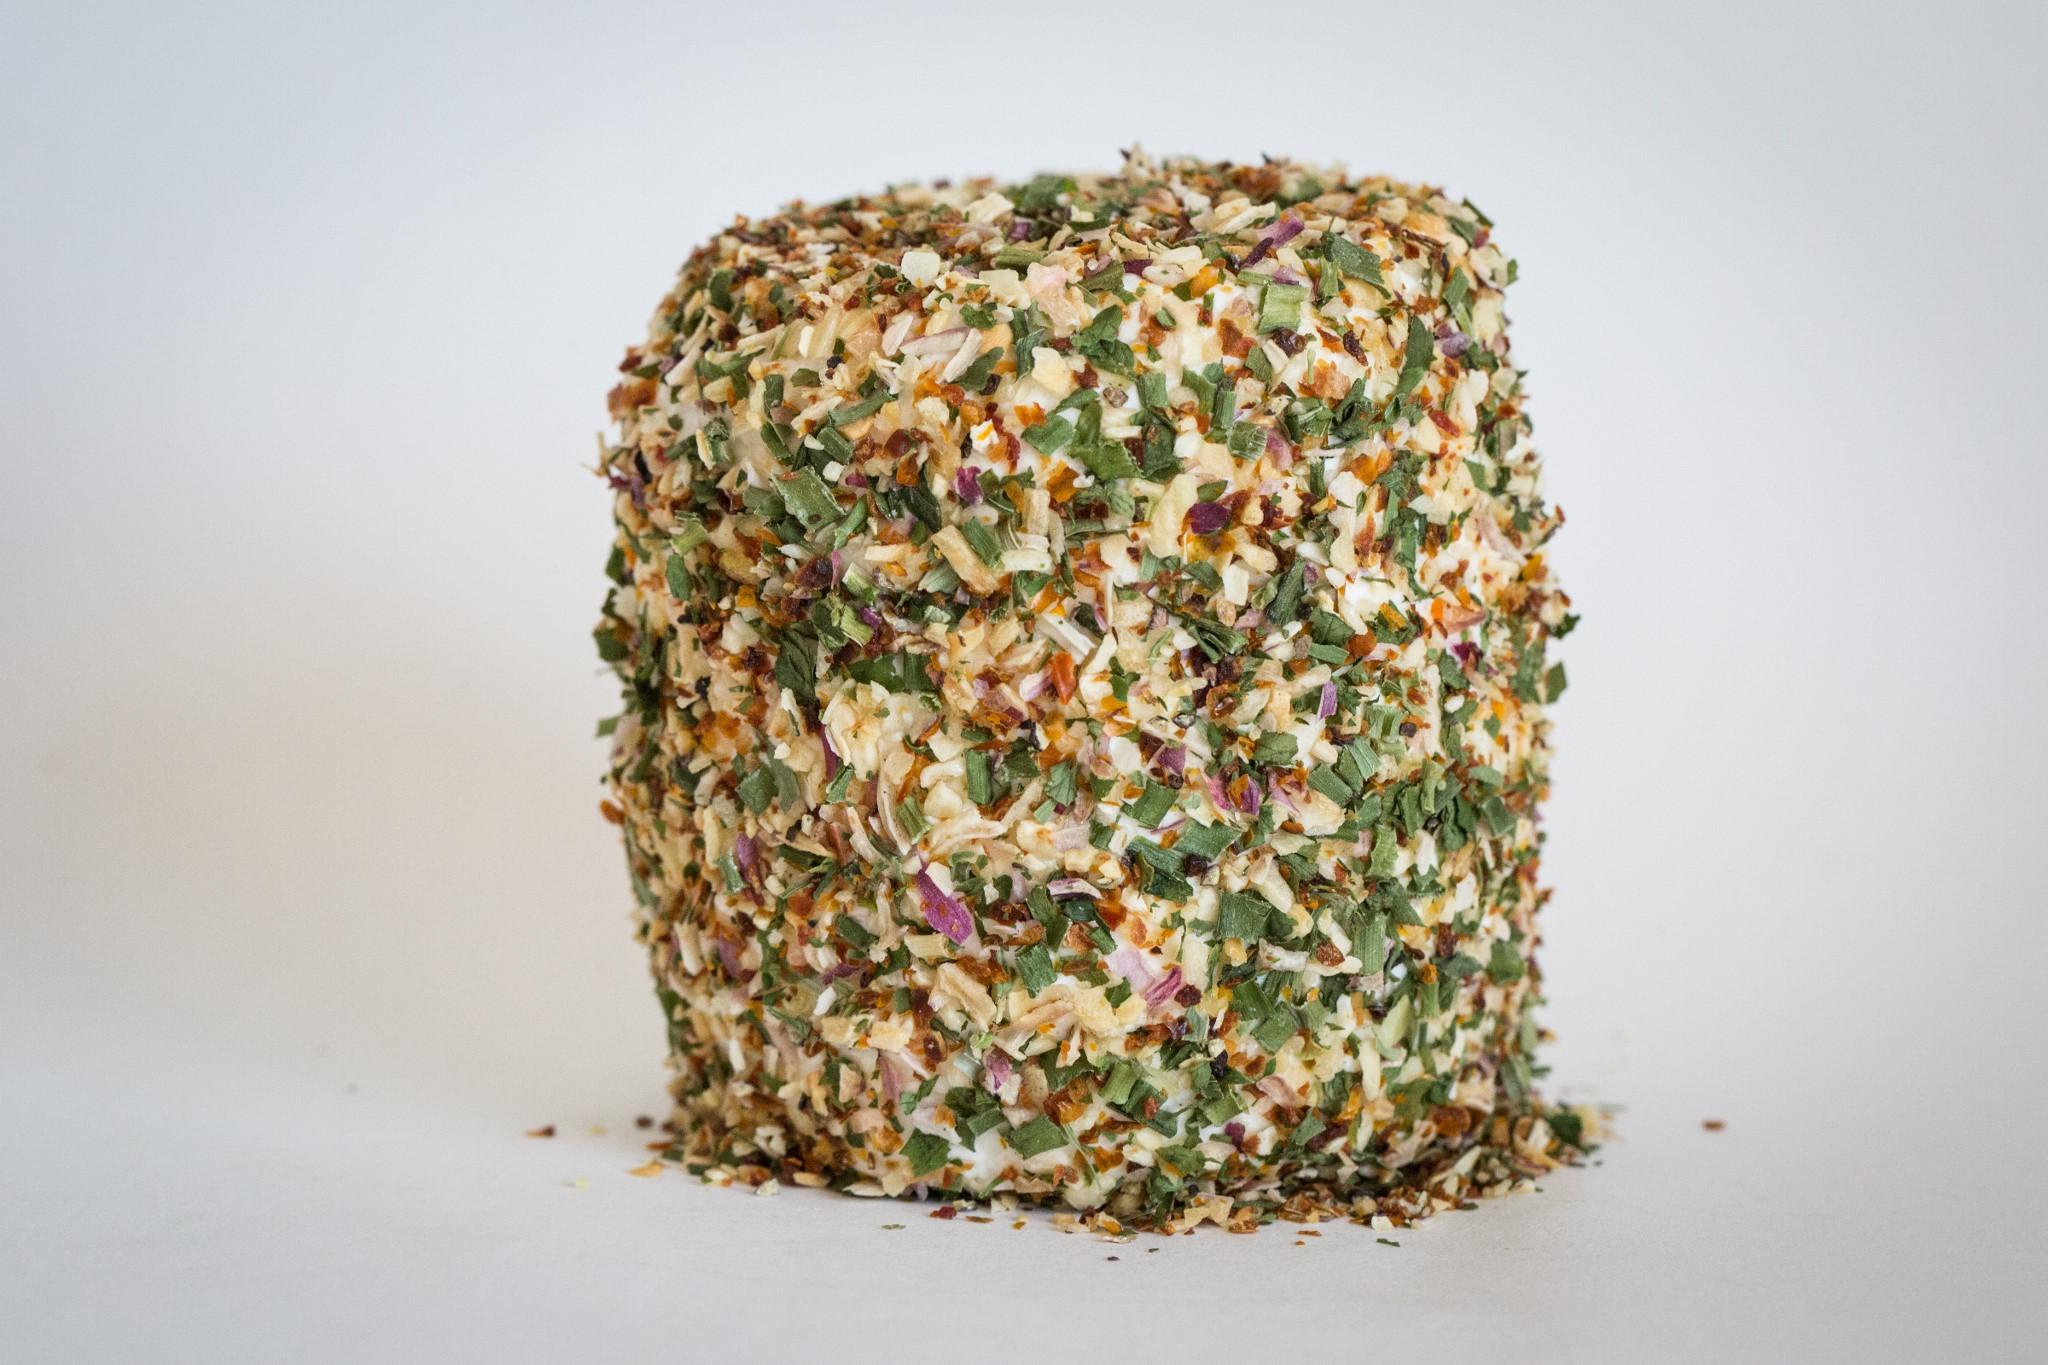 fromage-de-chevre-herbe-2